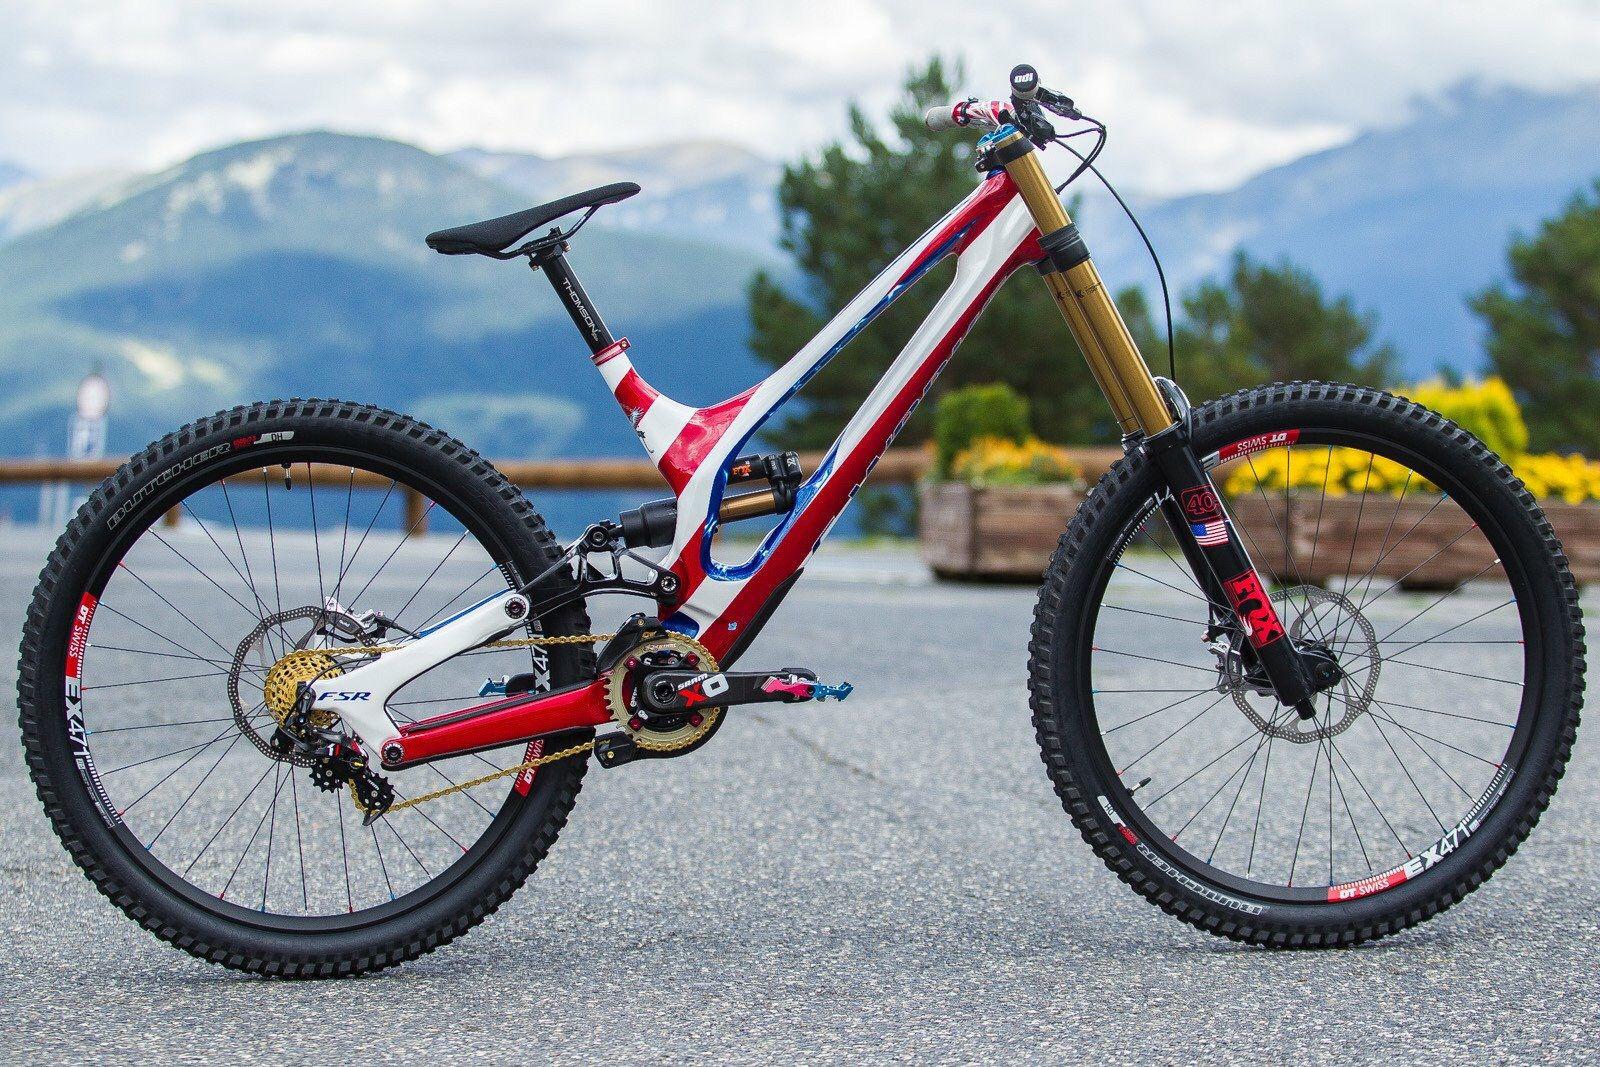 Pin de Marcio Betanco en Sports Bicicleta de descenso